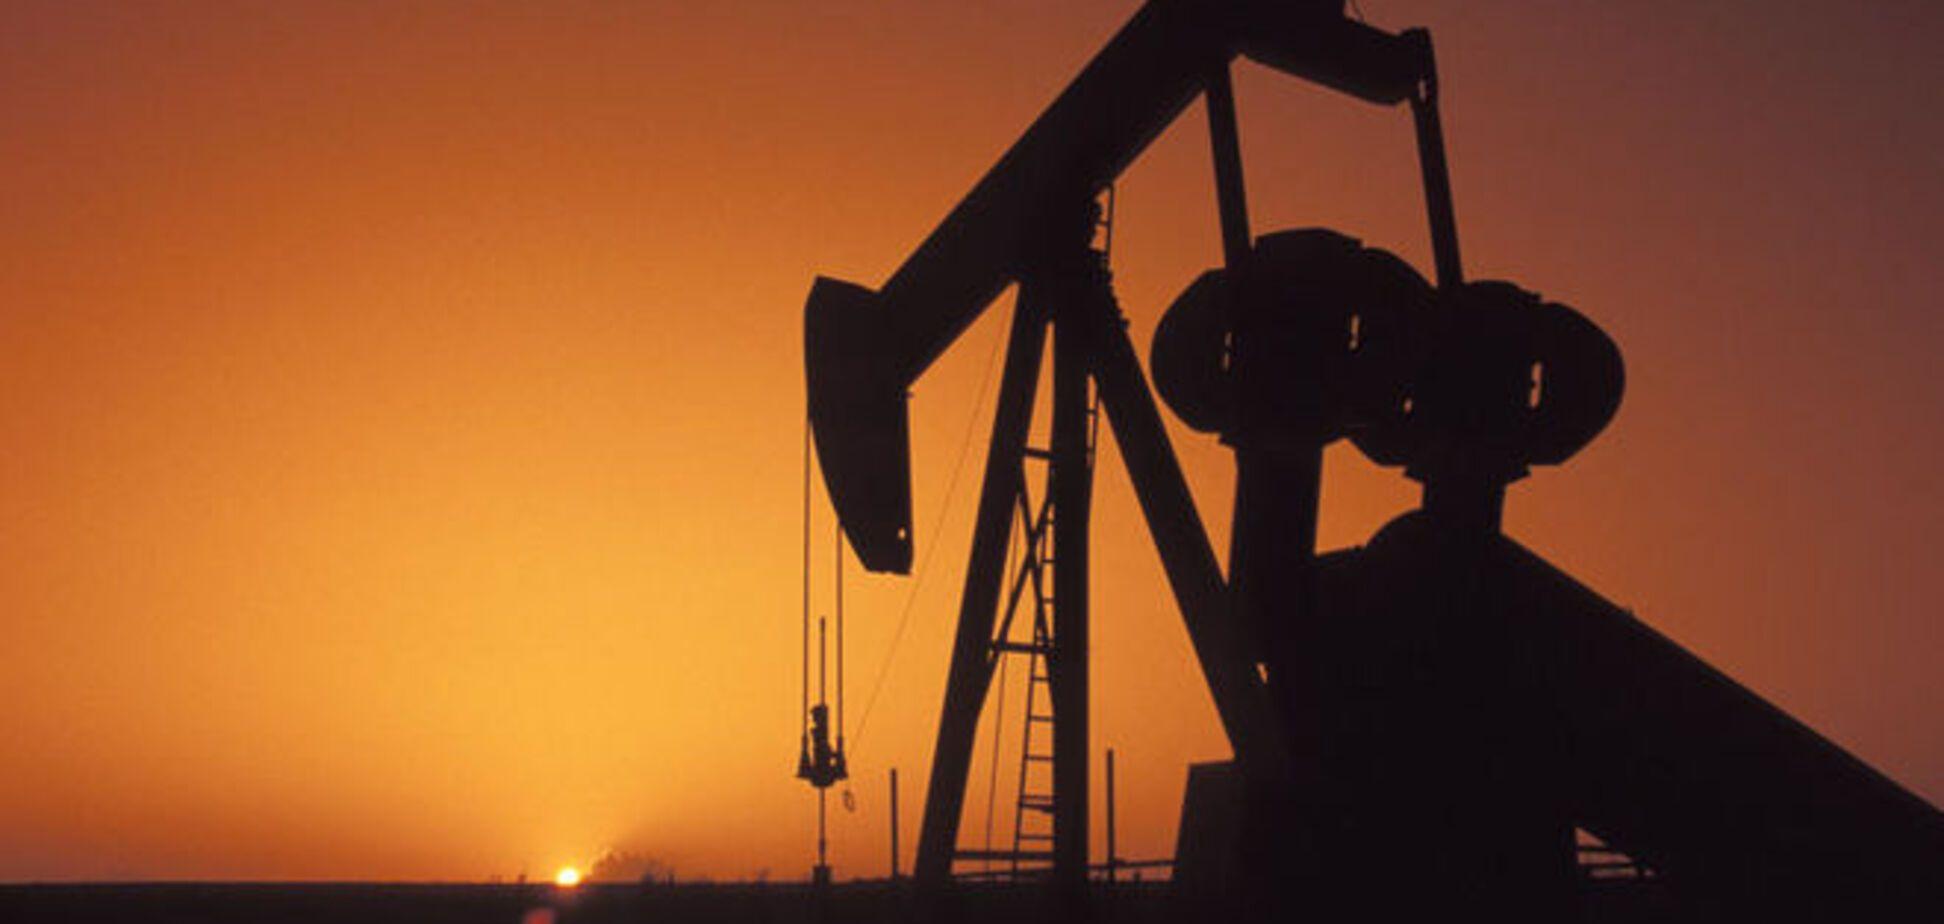 Суды вокруг 'Нефтегаздобычи' превращаются в фарс